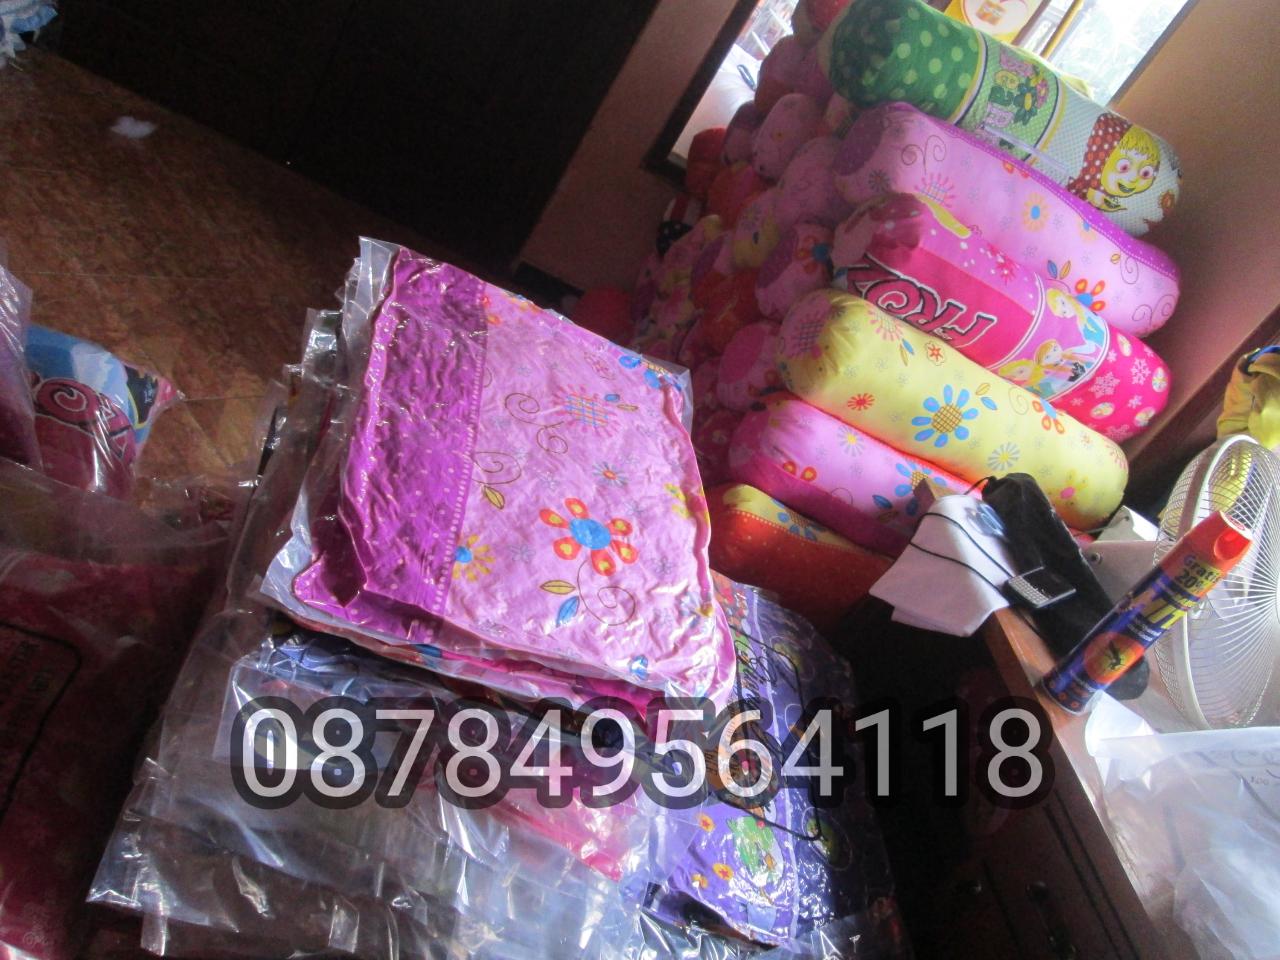 Bangkalan Madura Jual Silikon Dakron Isi Ulang Bantal Guling Super 100 Contac Person 087849564118 D4f1569b Lokasi